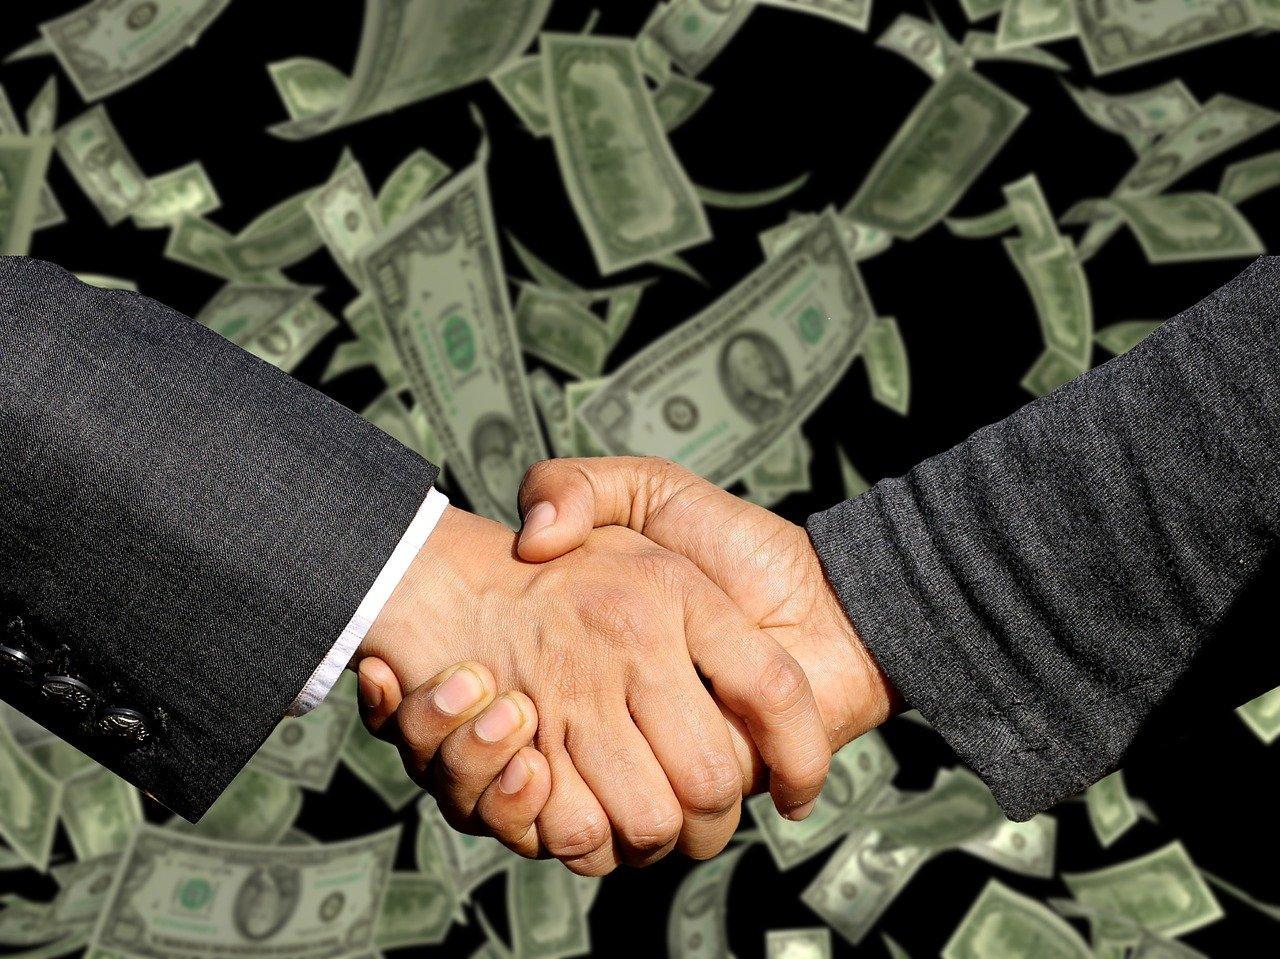 imagem mostra aperto de mãos com dinheiro atrás